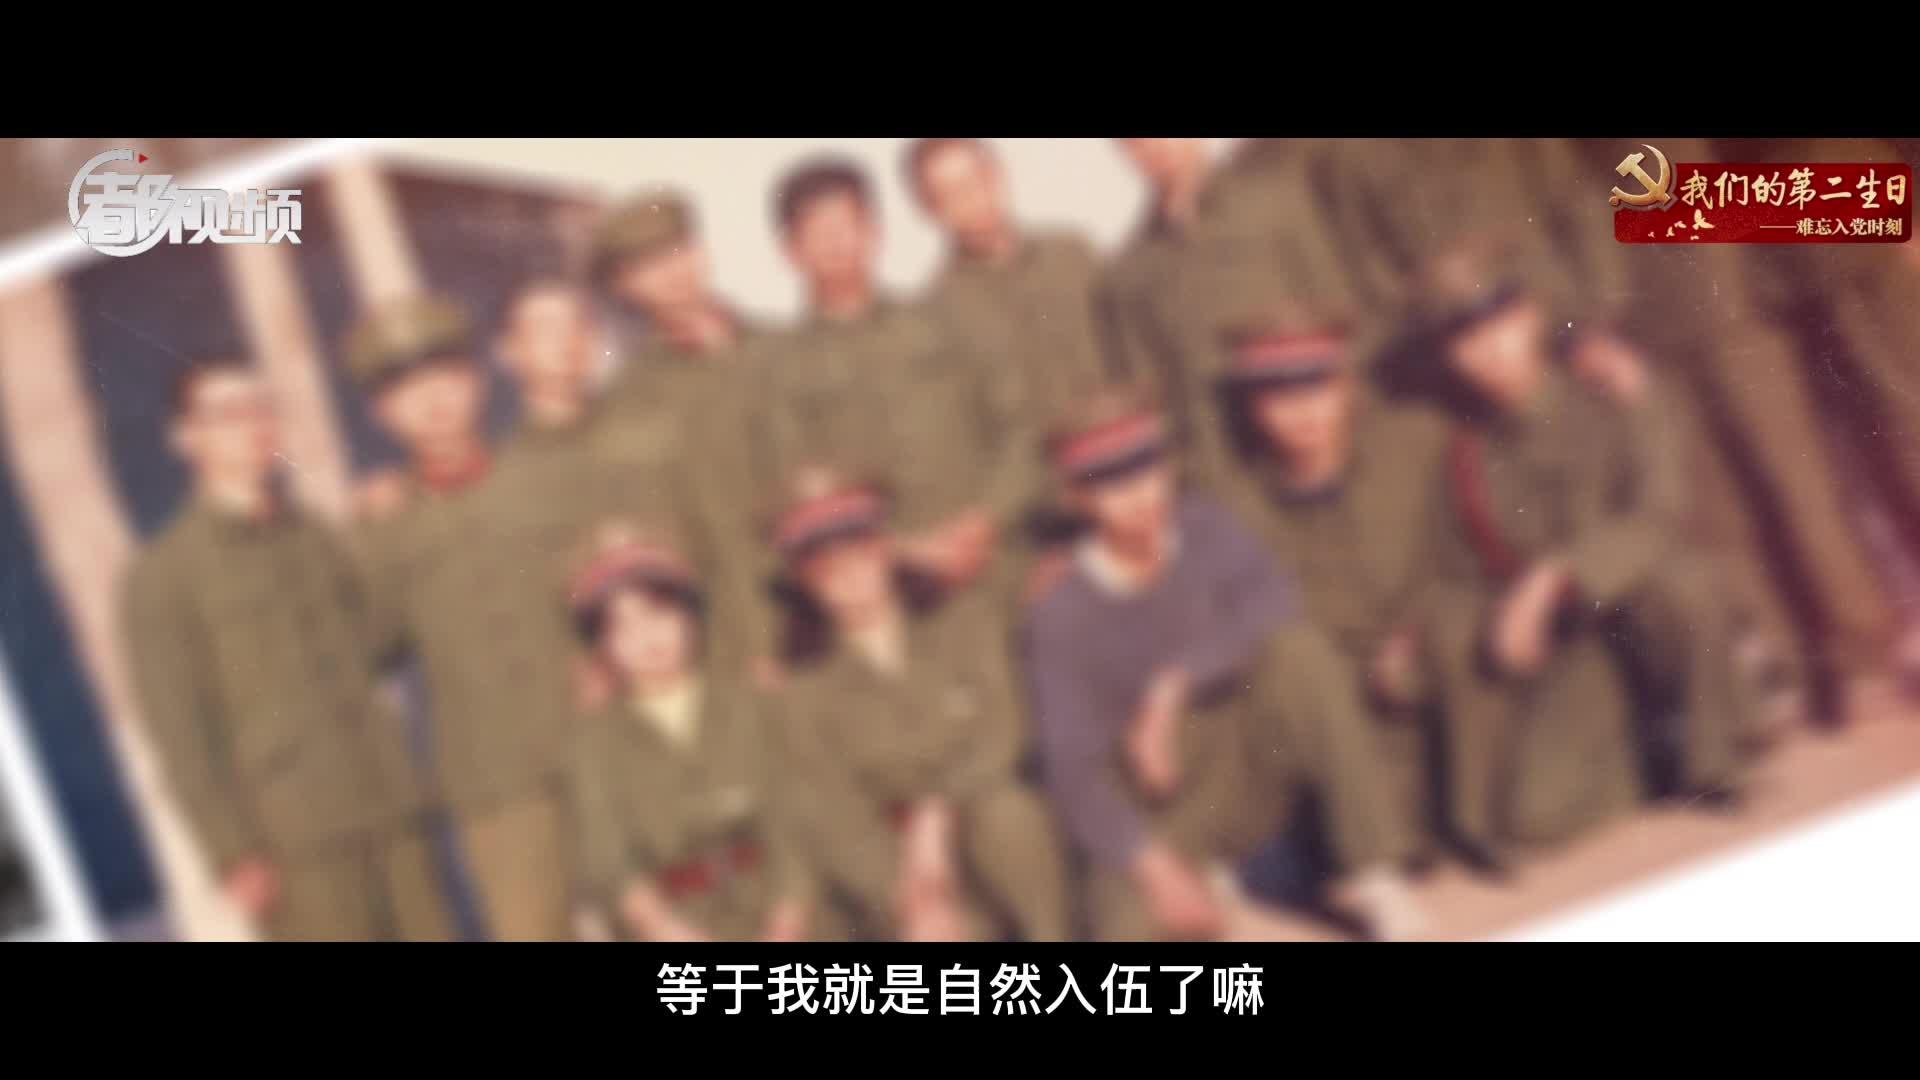 我们的第二生日 电影美术大师霍廷霄:中国电影人要铭记自己的使命